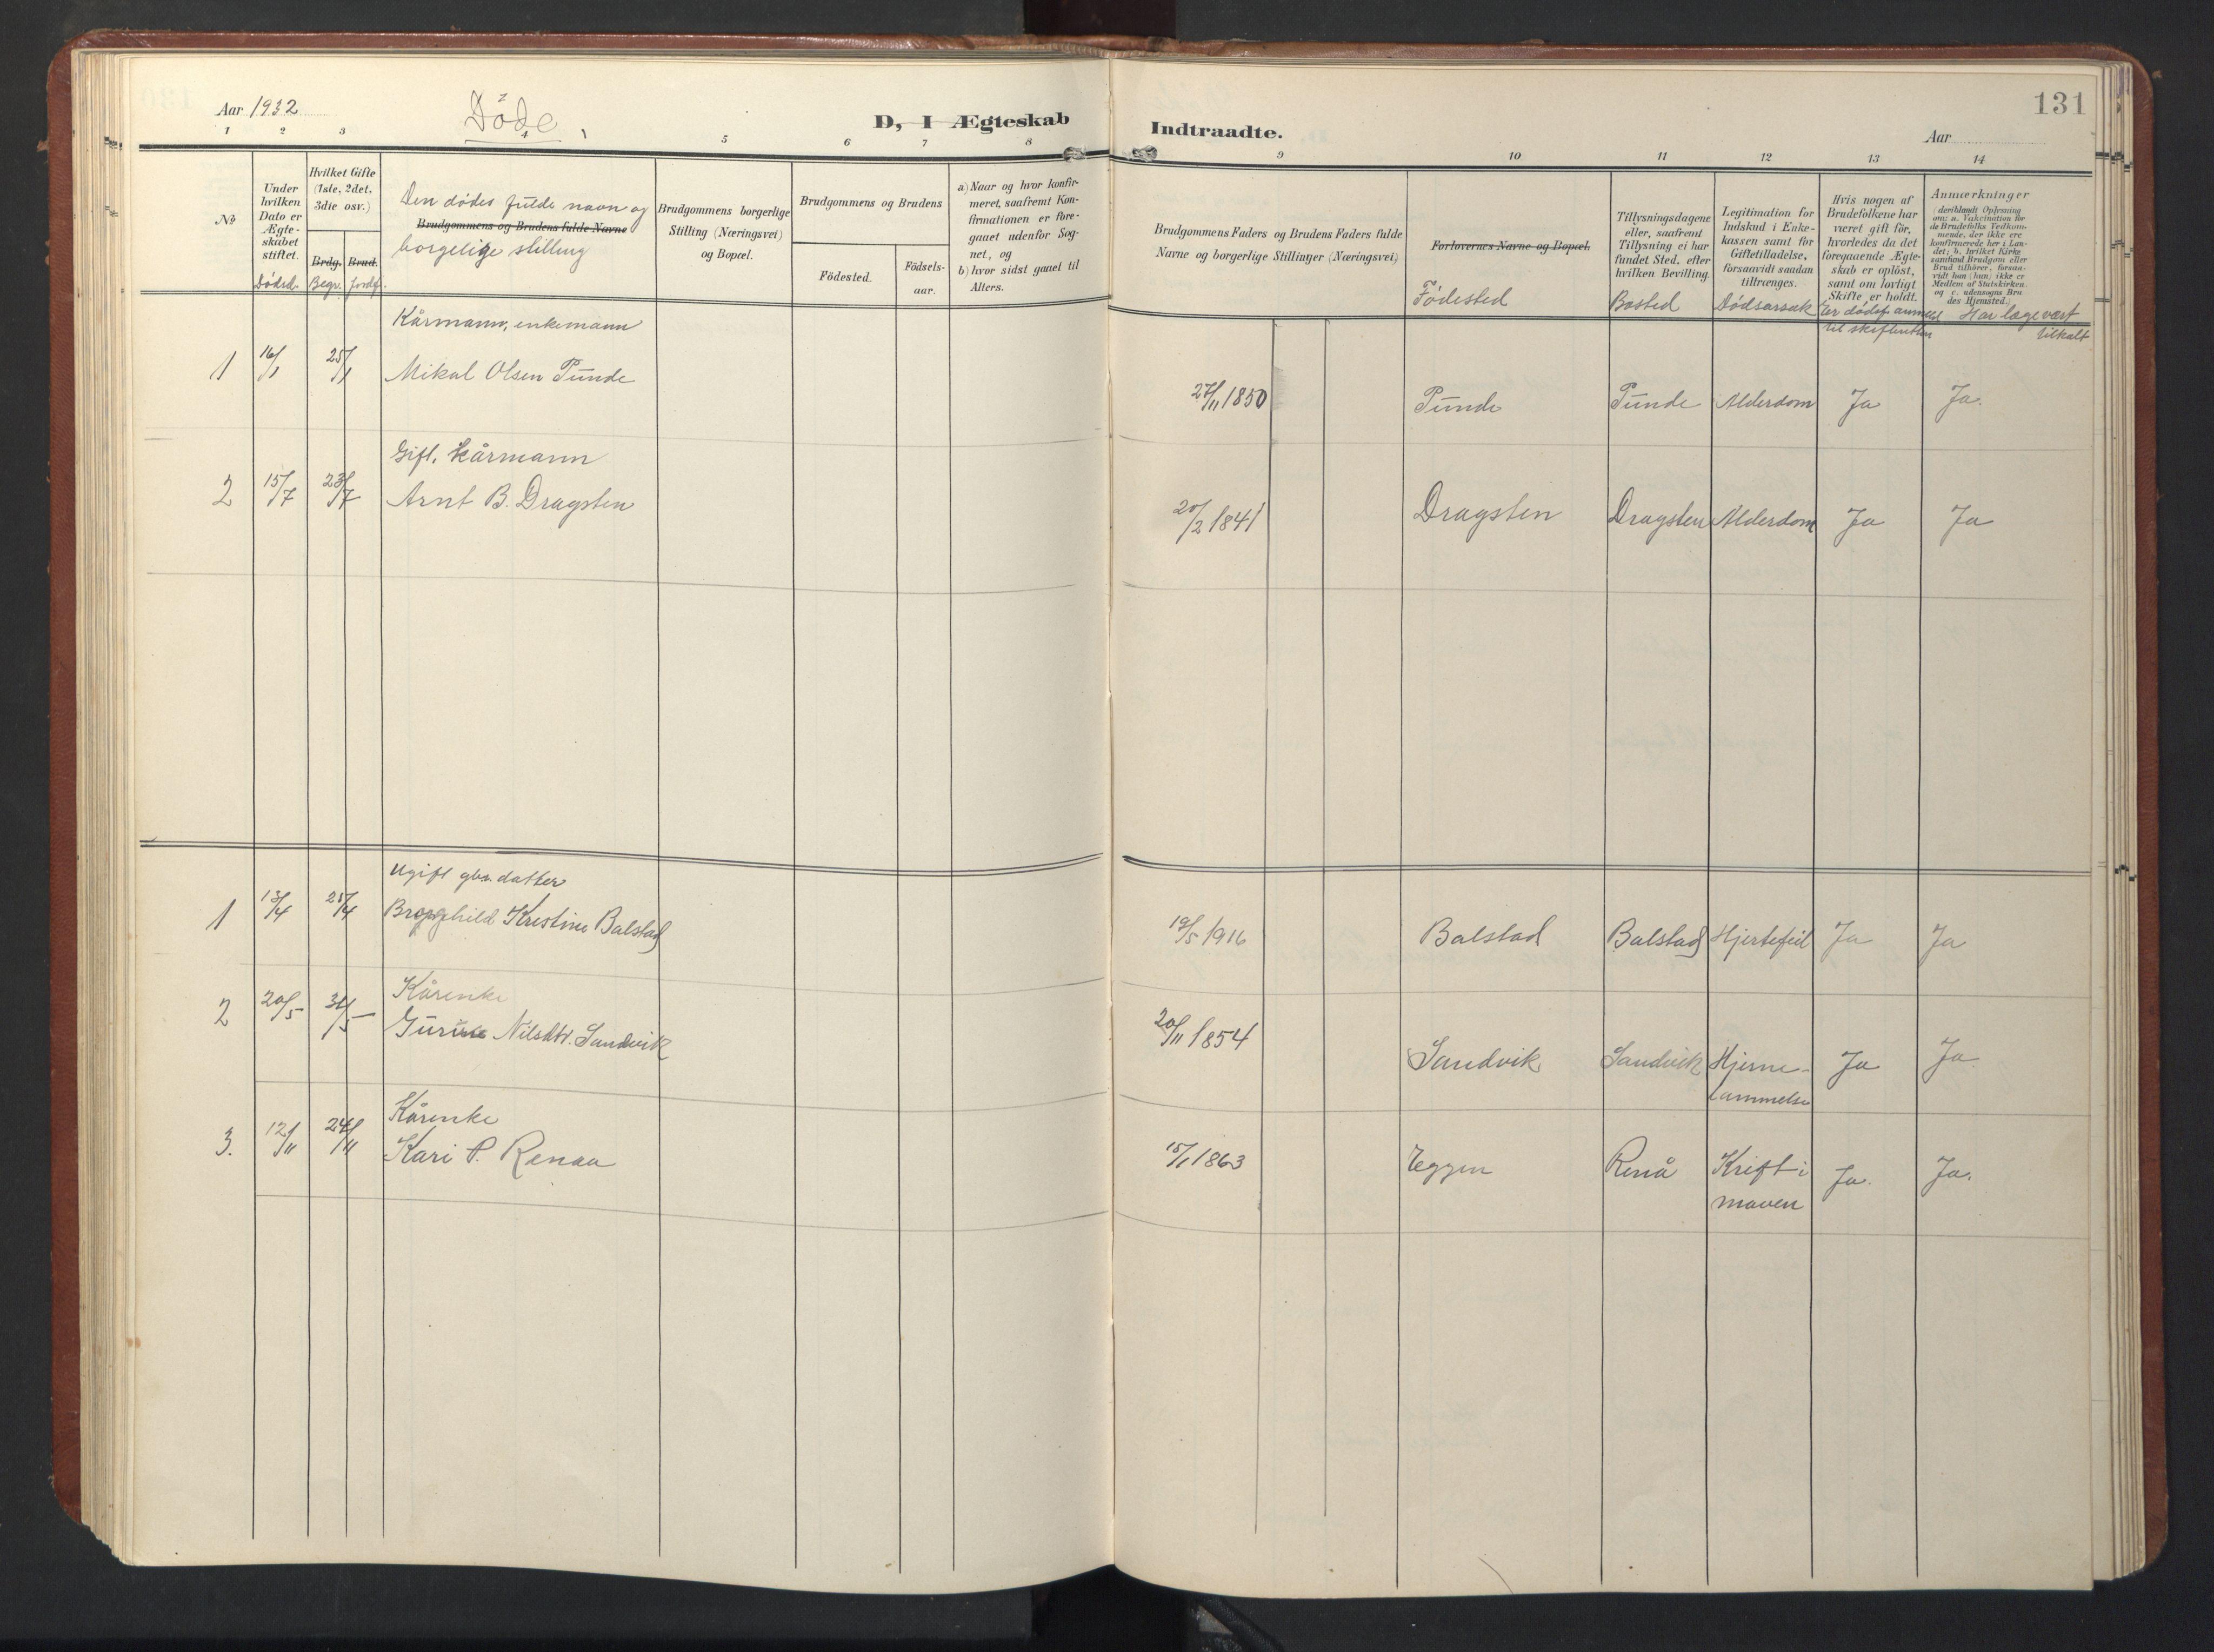 SAT, Ministerialprotokoller, klokkerbøker og fødselsregistre - Sør-Trøndelag, 696/L1161: Klokkerbok nr. 696C01, 1902-1950, s. 131